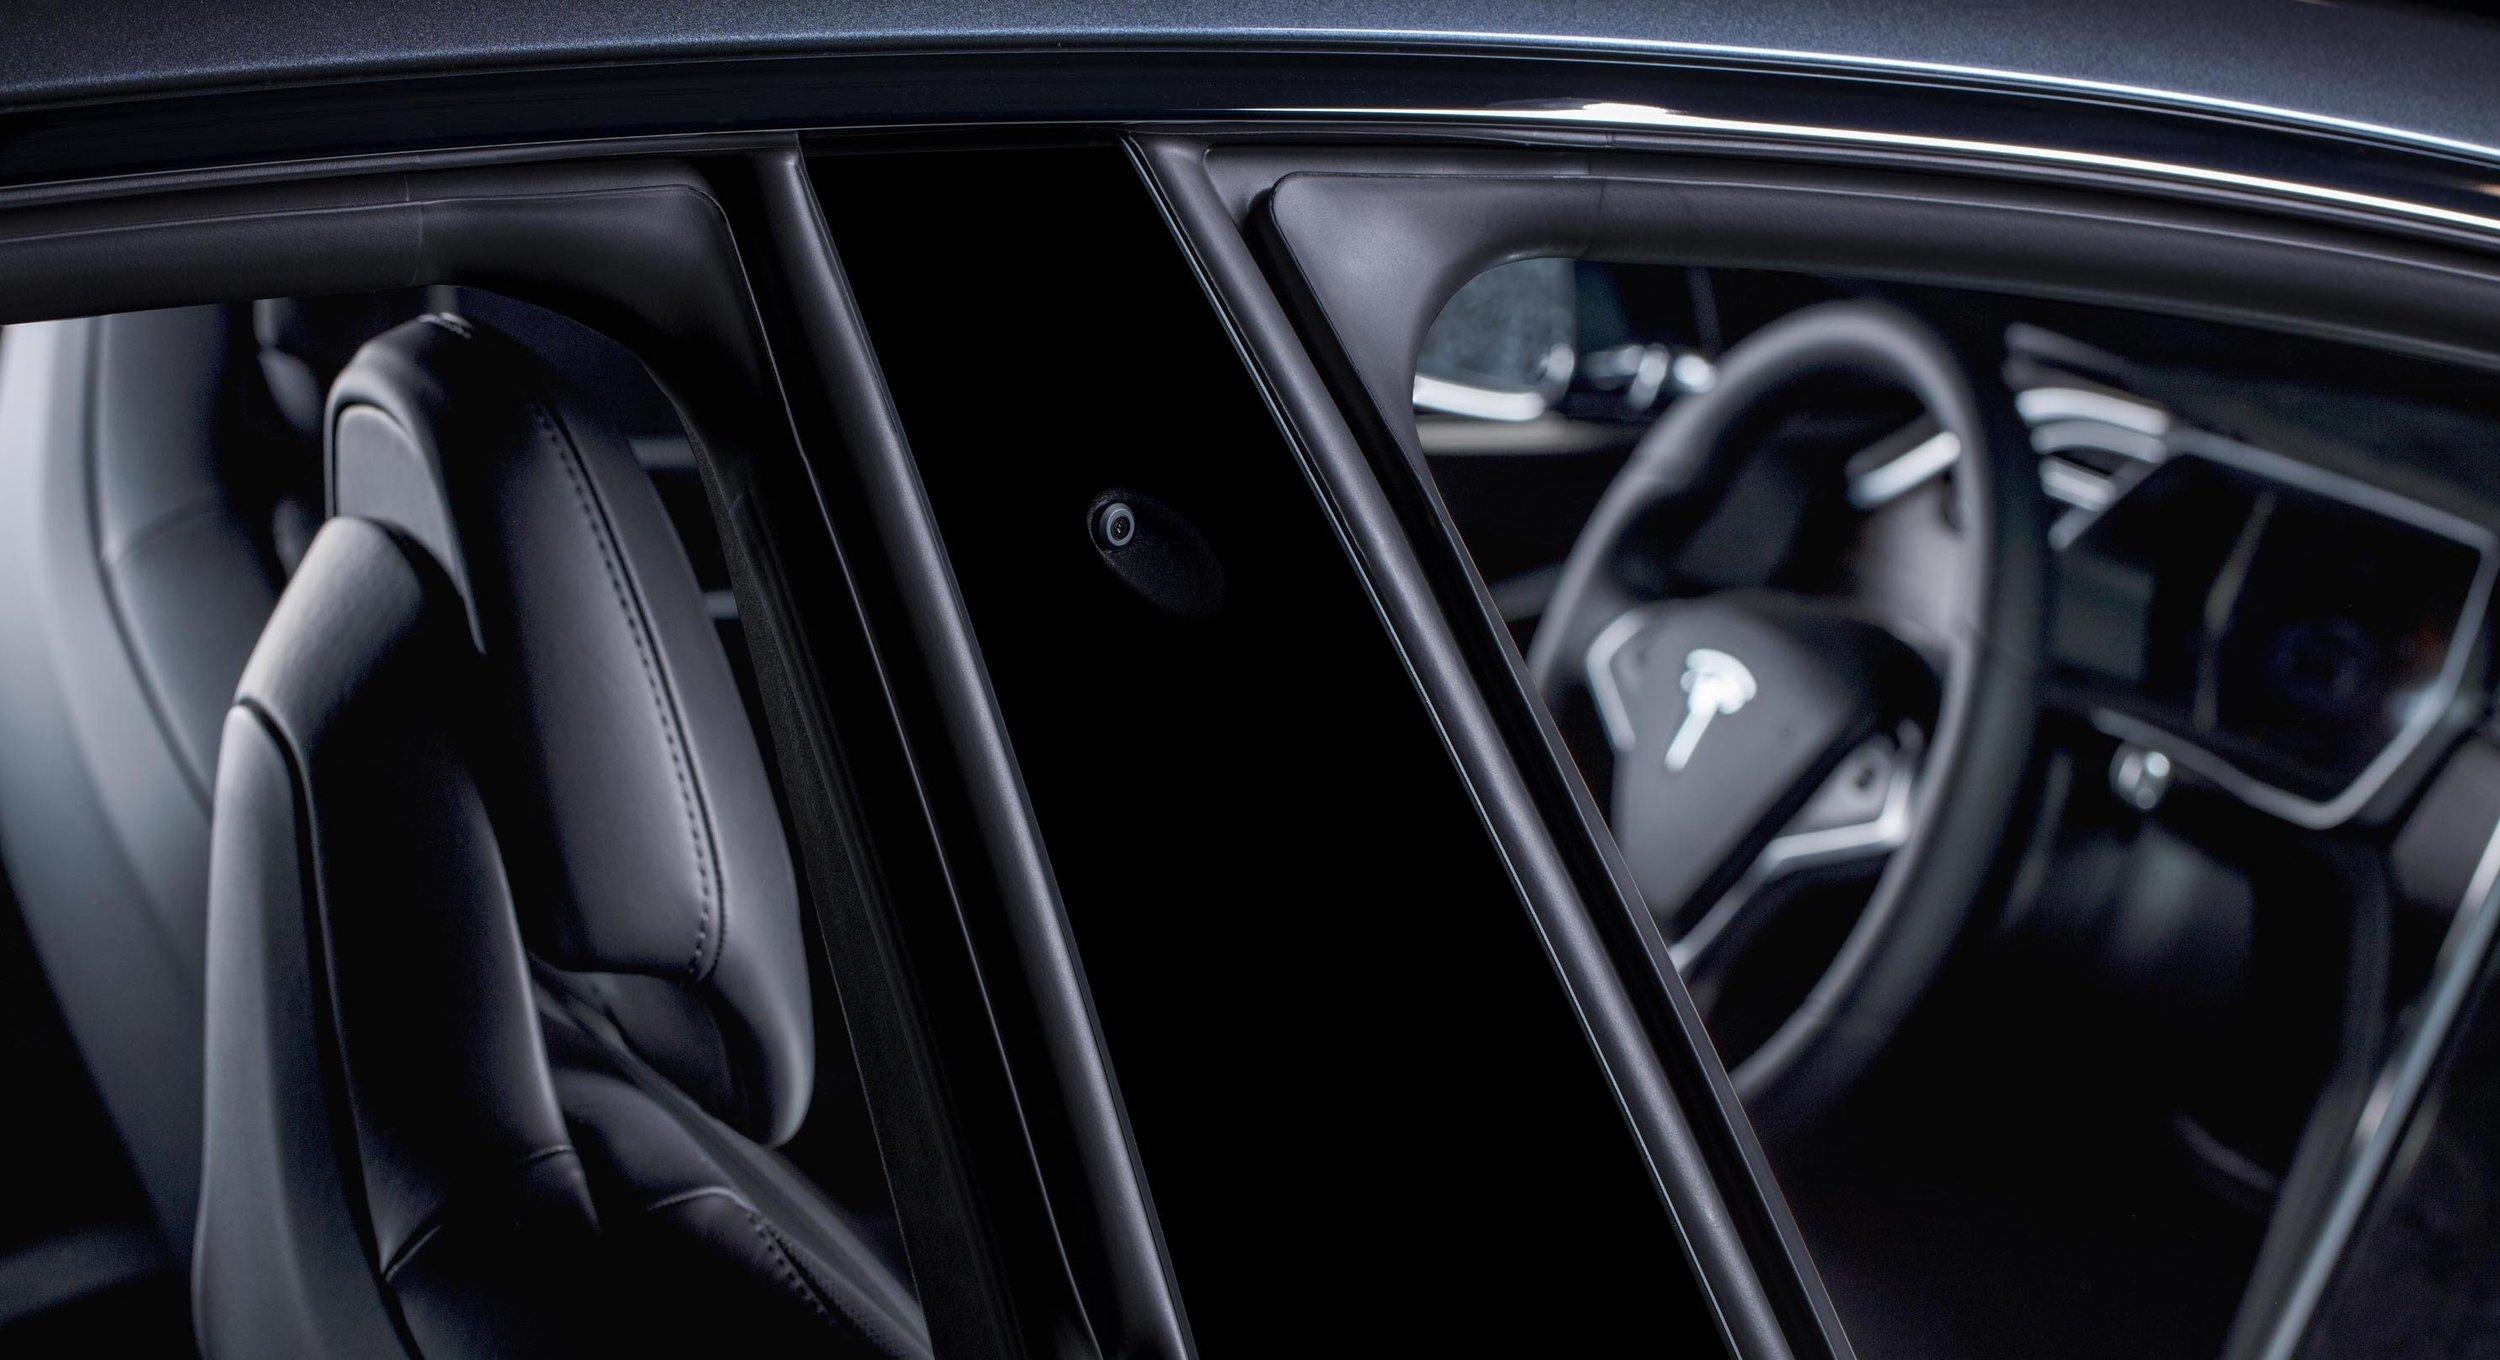 TESLA-CAR-CAMERA-DOOR-v1 copy.jpg